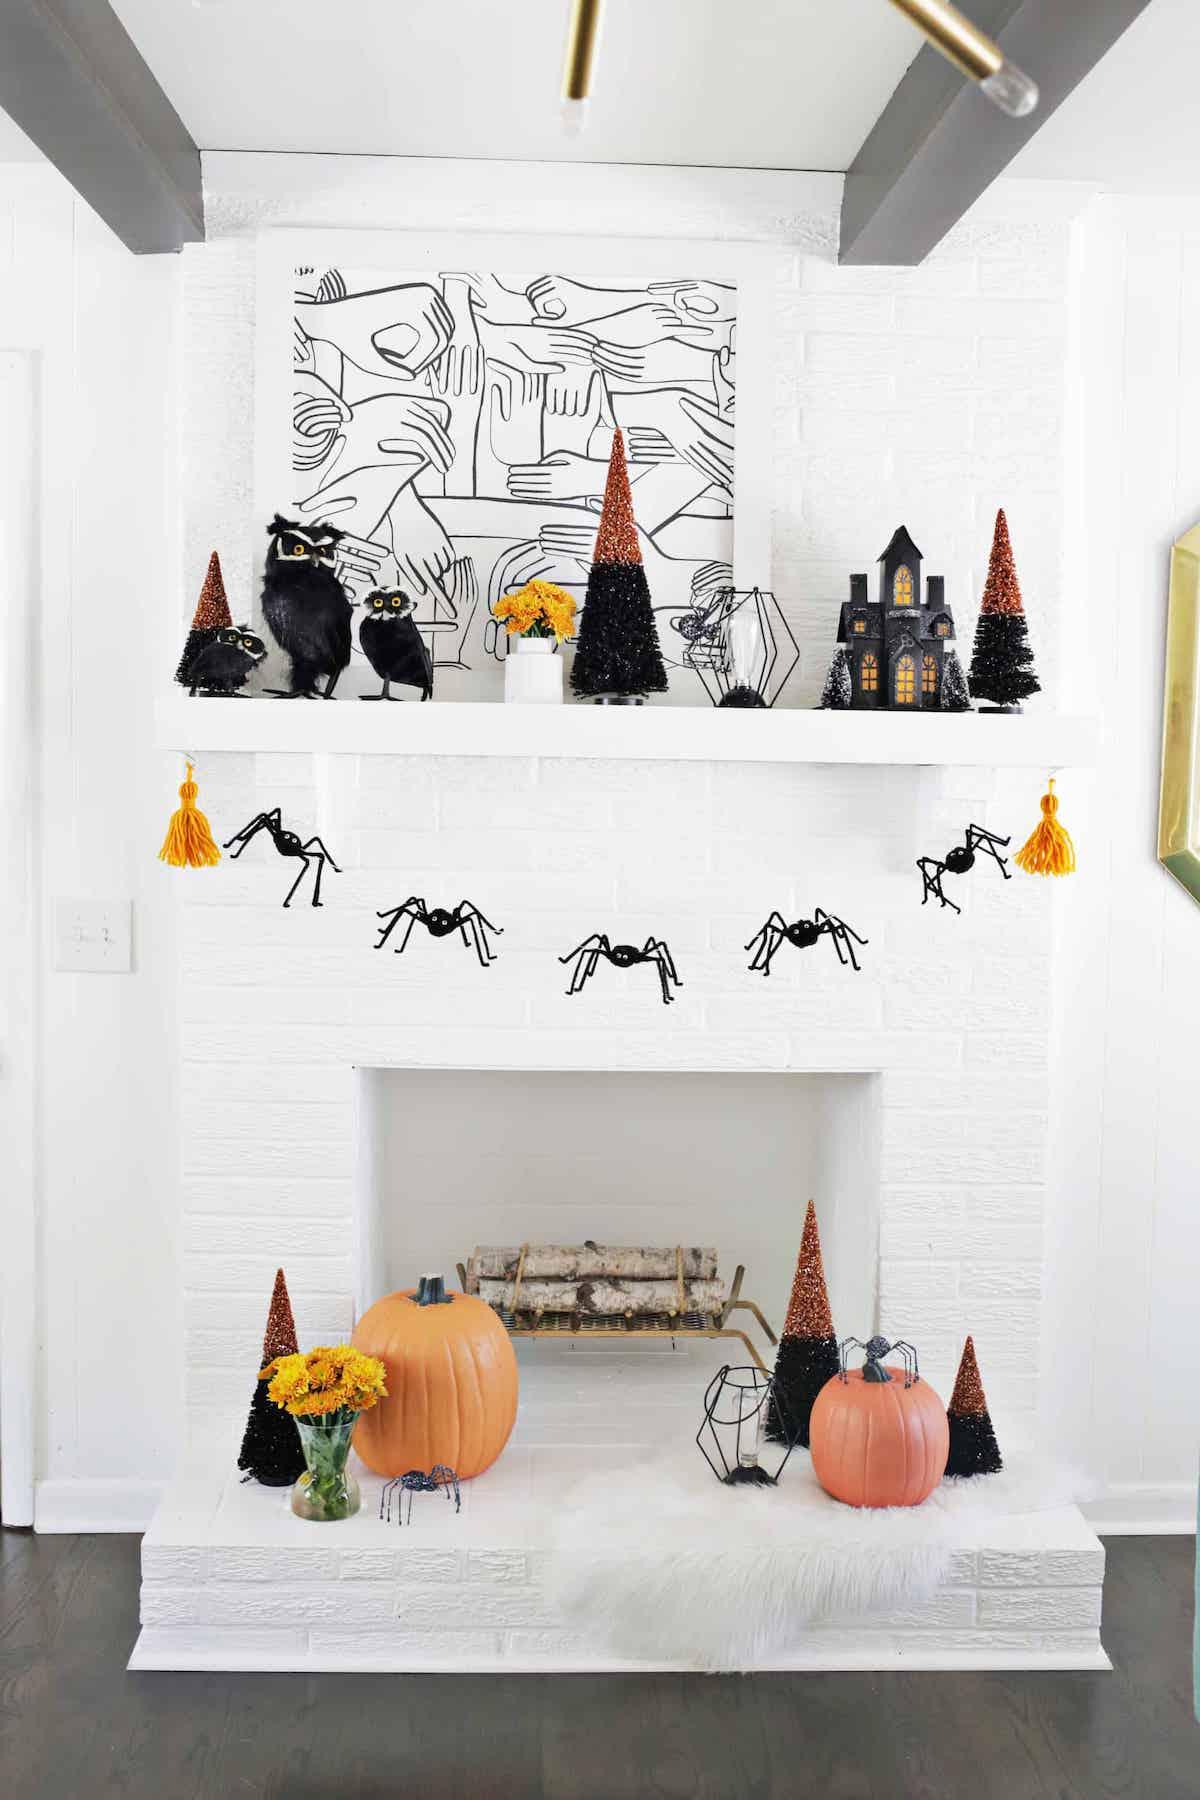 déco diy halloween facile araignée guirlande décoration - blog déco - clem around the corner